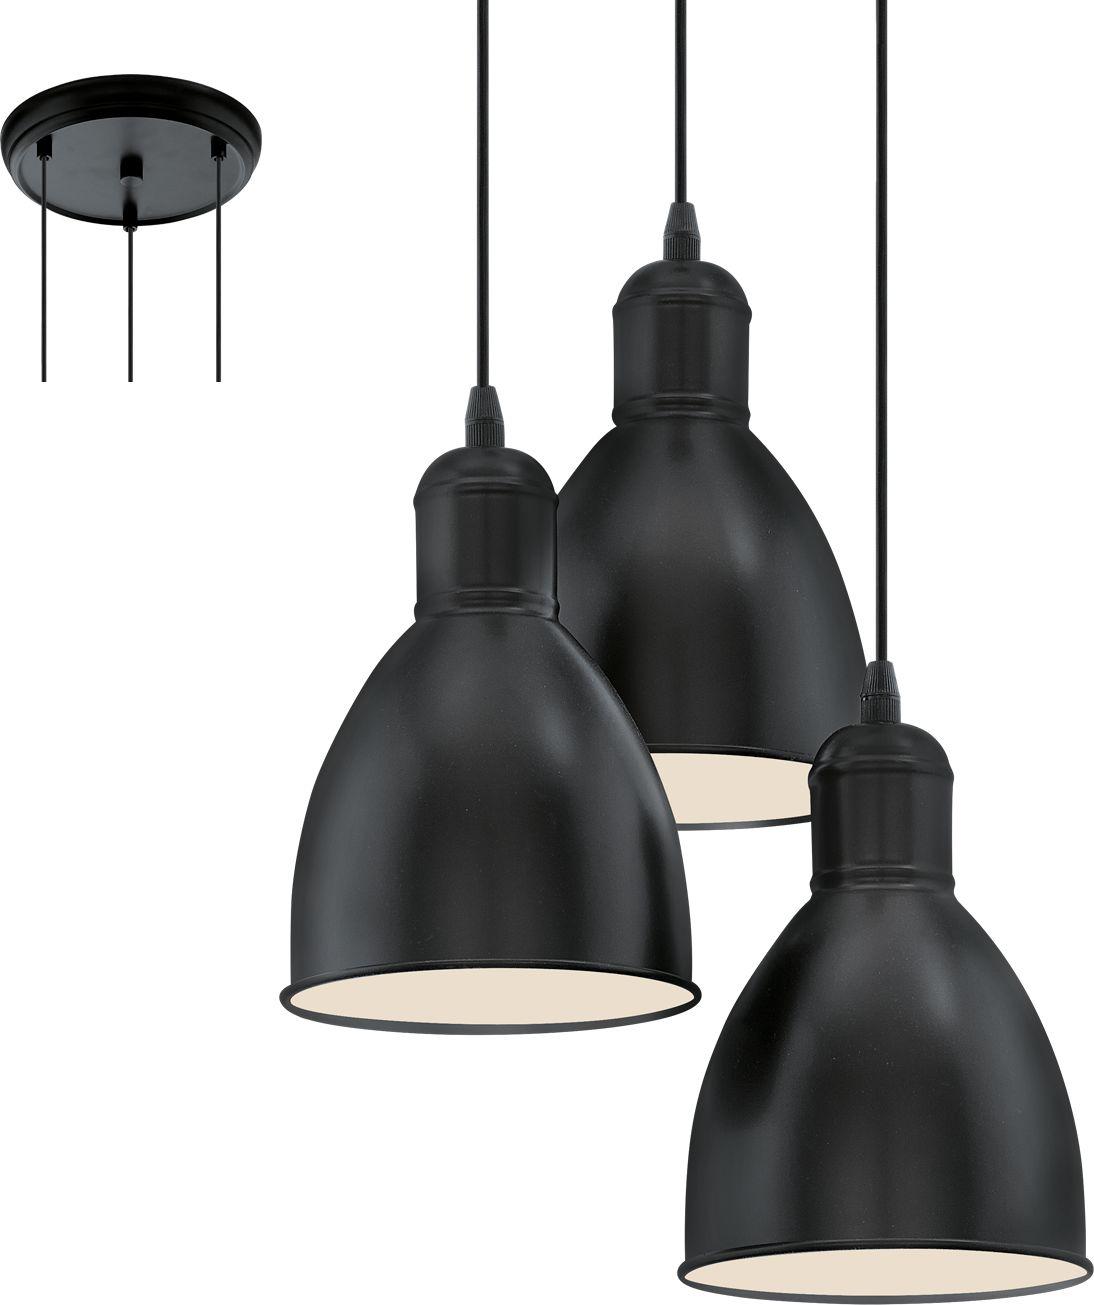 Eglo lampa wisząca Priddy 49465 - SUPER OFERTA - RABAT w koszyku